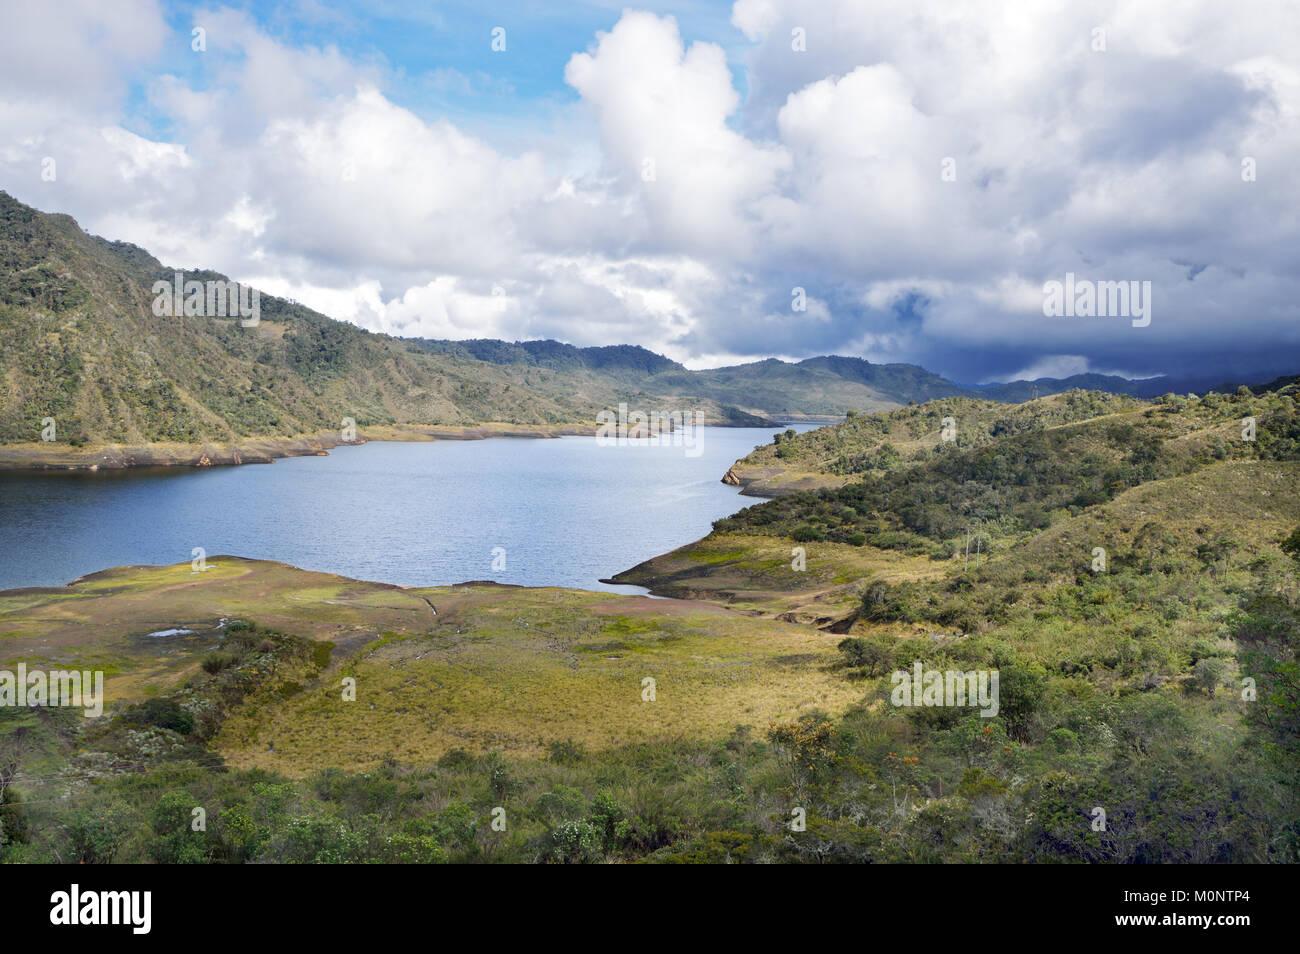 In den kolumbianischen Anden, die nationalen Chingaza Nationalpark ist wichtig für die Alpine Tundra bekannt Stockbild